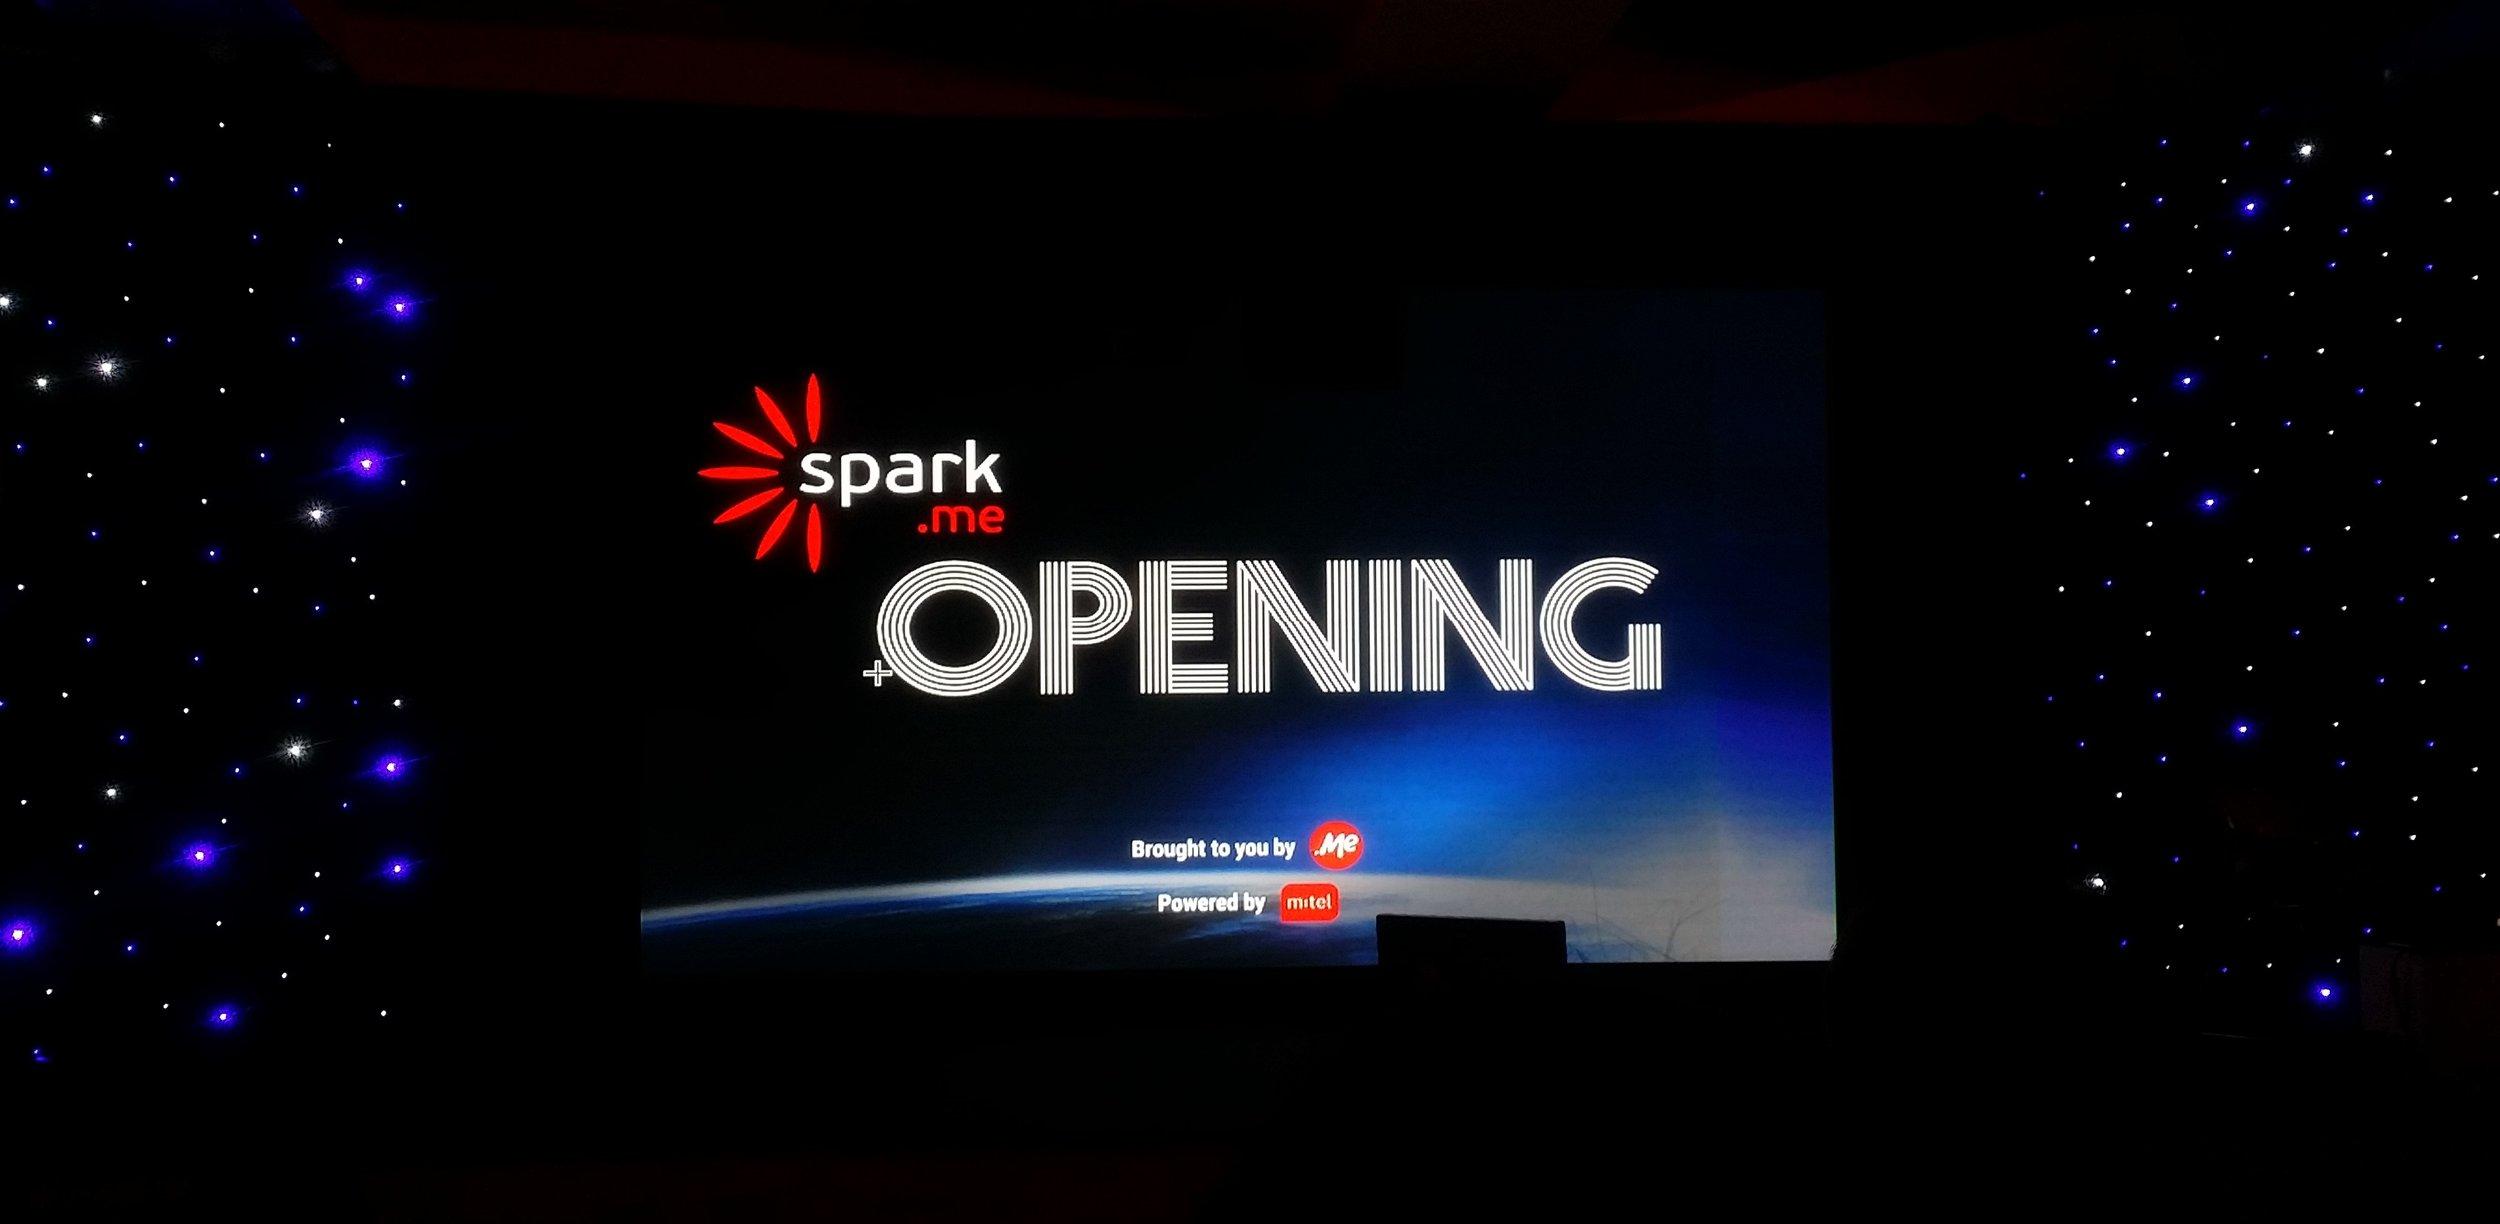 spark me opening.jpg